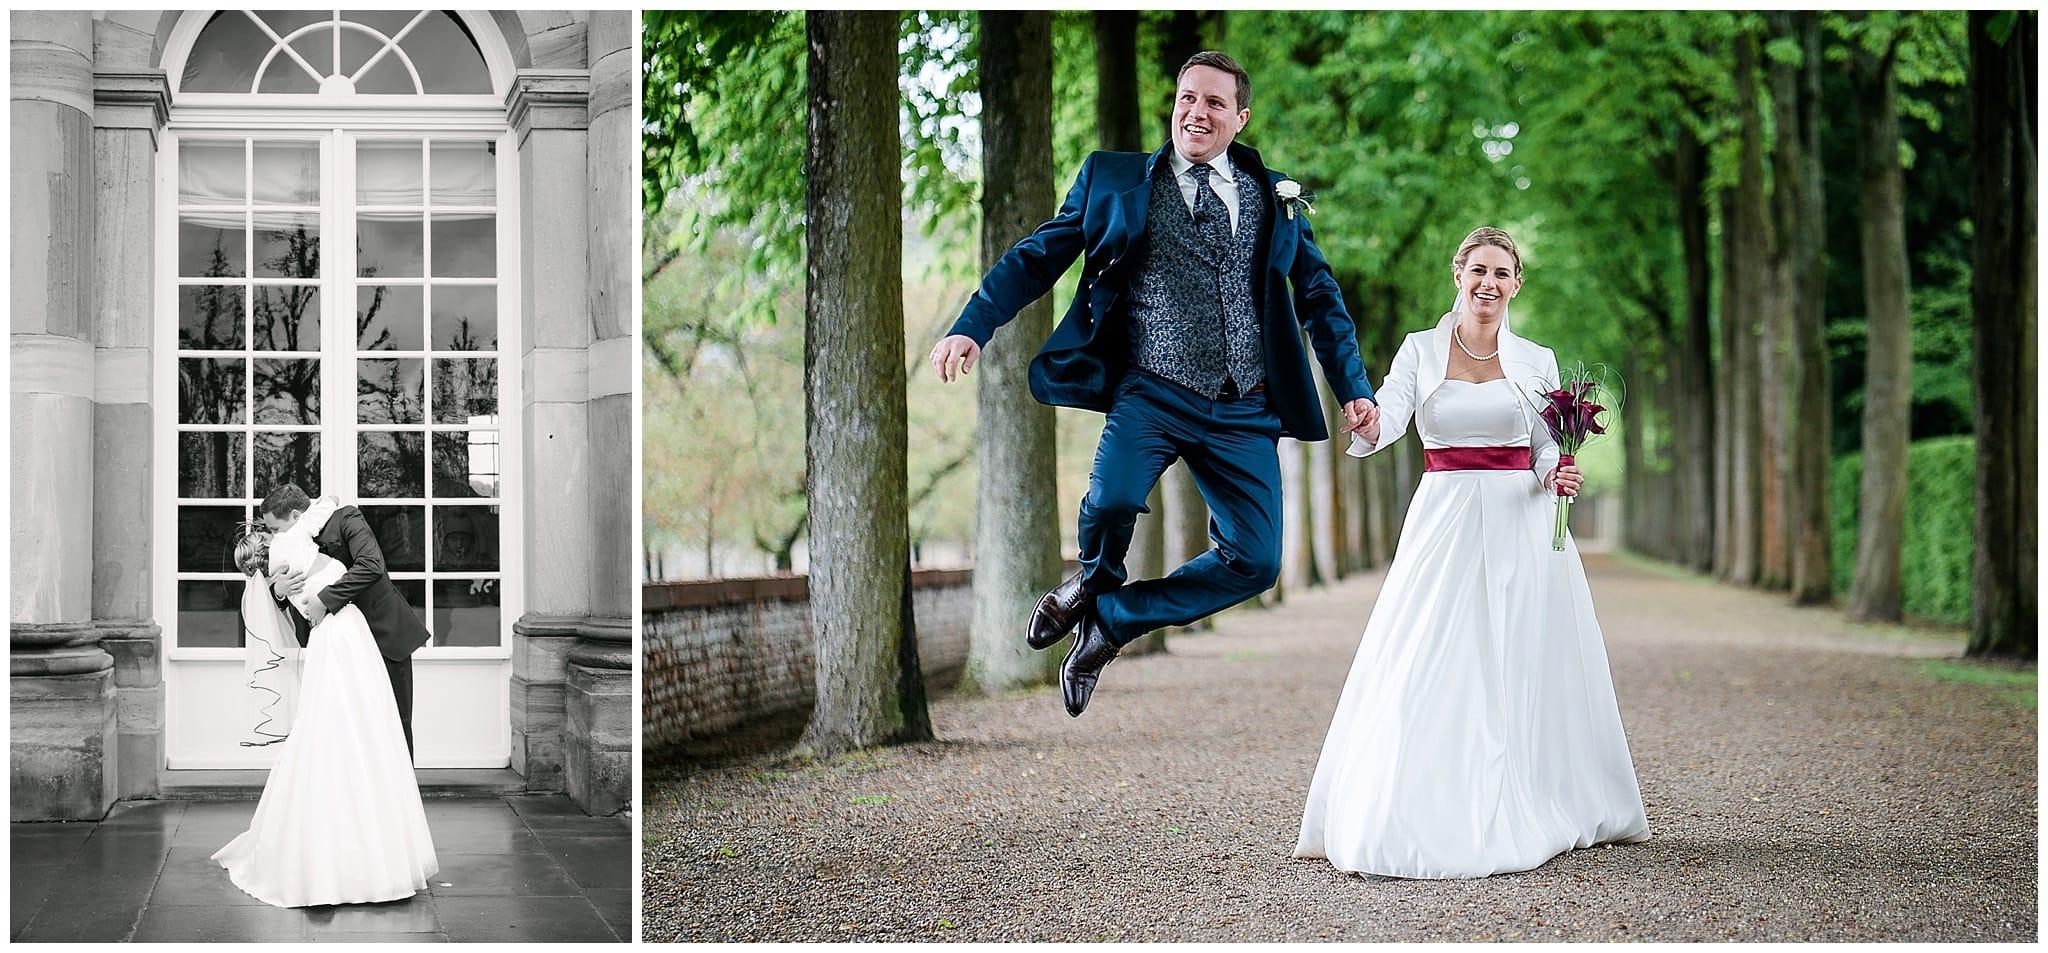 MaMa Wedding Sonja und Jens Hochzeitsfotografie Heidelberg10